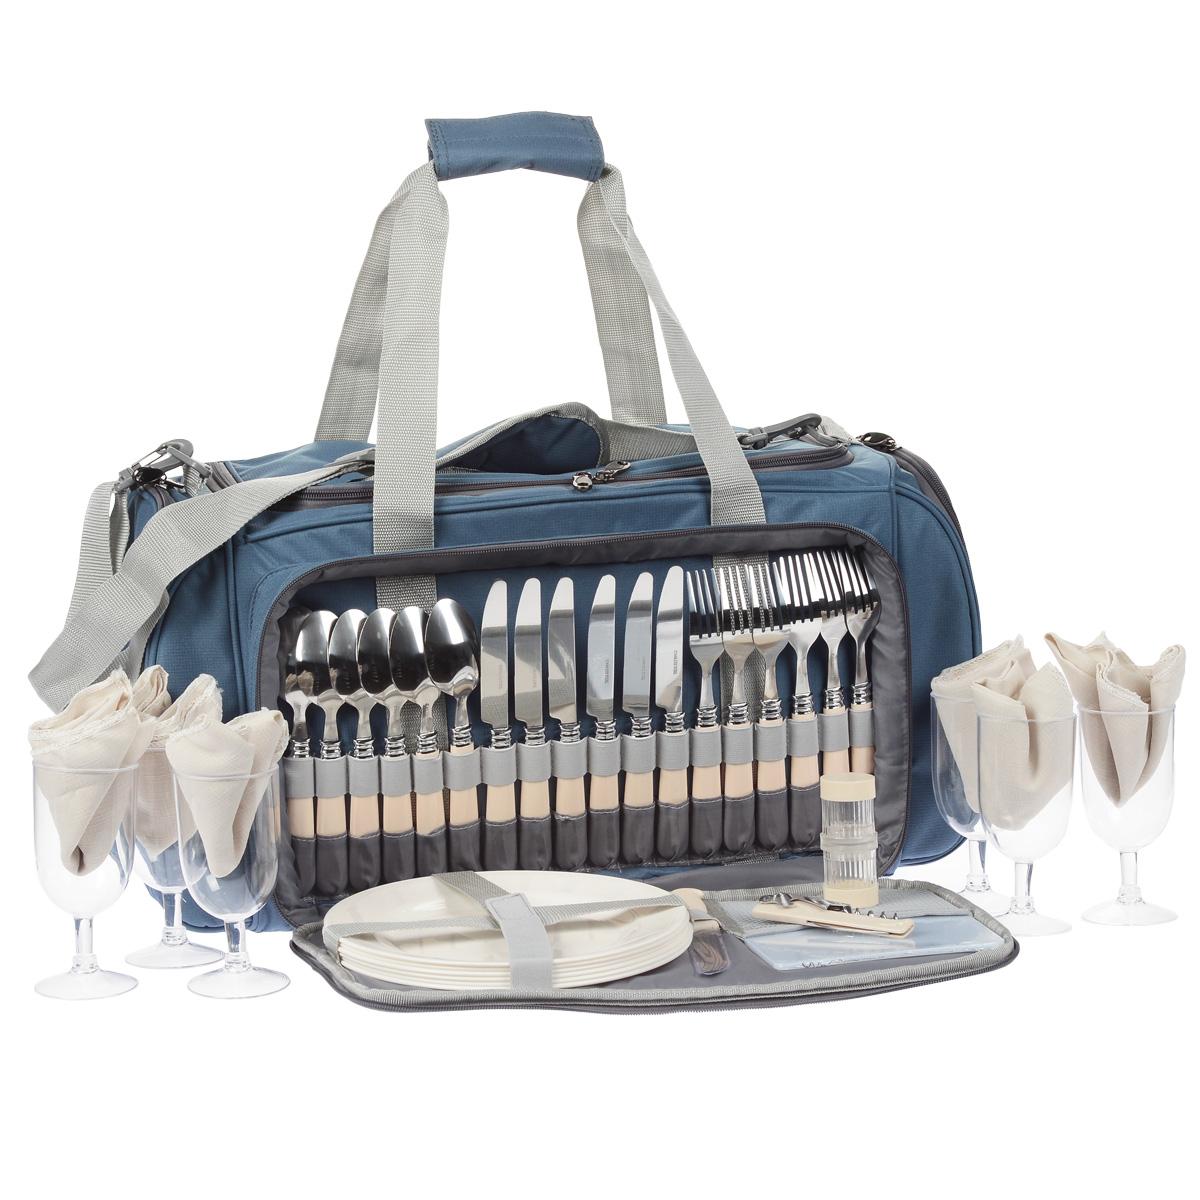 Термосумка Norfin Forssa, с посудой, цвет: голубой, серый, 57 см х 30 см х 29 смNFL-40107Сумка Norfin Vardo с набором для пикника на 6 персон и с легкомоющимся термоотделением для продуктов объемом 28 л. Сумка оснащена двойными ручками и регулируемым по длине наплечным ремнем.В комплект входит посуда и принадлежности для пикника:6 ложек.6 вилок.6 ножей6 тарелок. 6 бокалов.6 тканевых салфеток.Разделочная доска.Открывалка-штопор.Солонка двухсекционная.Нож сырный.Длина ножей: 21 см.Длина вилок: 20 см.Длина ложек: 19 см.Диаметр тарелок: 23,5 см.Высота тарелок: 2 см.Диаметр бокалов: 6,5 см.Высота бокалов: 14 см.Размер салфеток: 34 см х 34 см.Размер разделочной доски: 18 см х 15 см.Длина открывалки-штопора: 11 см.Диаметр солонки: 3,5 см.Высота солонки: 8 см.Длина сырного ножа: 21 см.Размер сумки: 57 см х 30 см х 29 см.